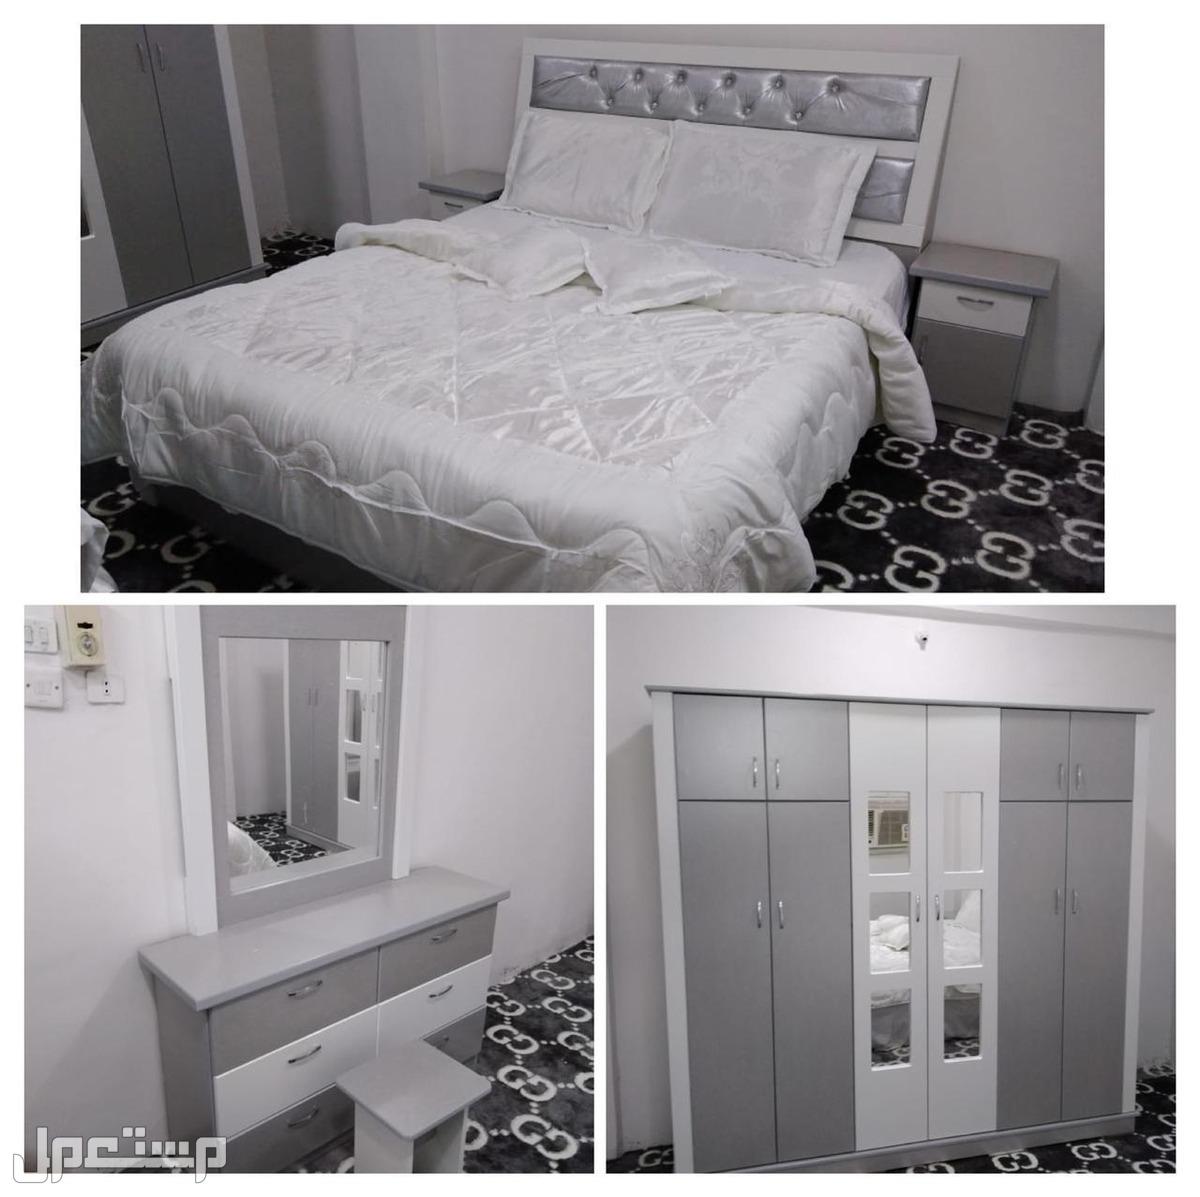 غرف نوم جديده وطني وتفاصيل بسعر الجمله من المصنع إلى الزبون مباشر